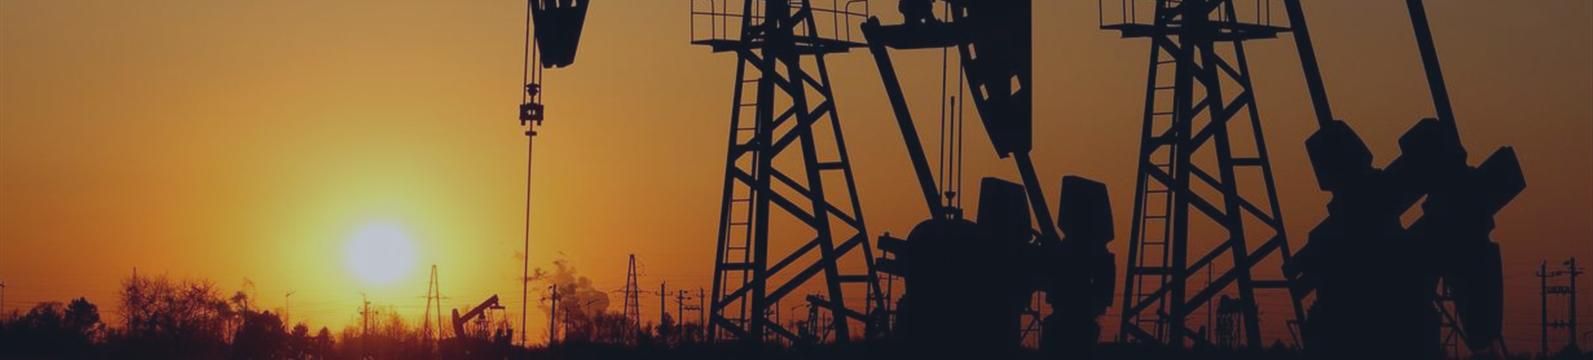 У нефти впереди непростые времена – возможен и дефолт